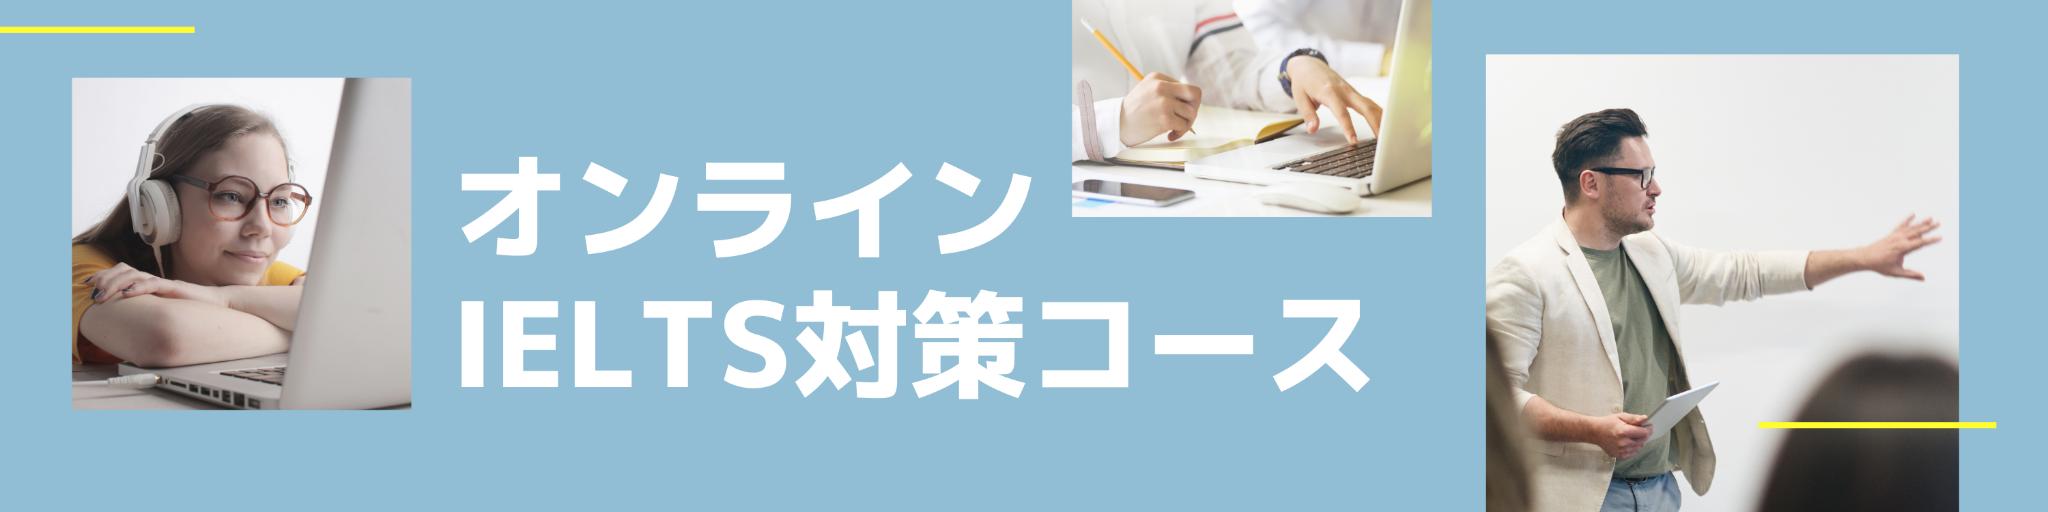 オンライン留学・IELTS対策コース